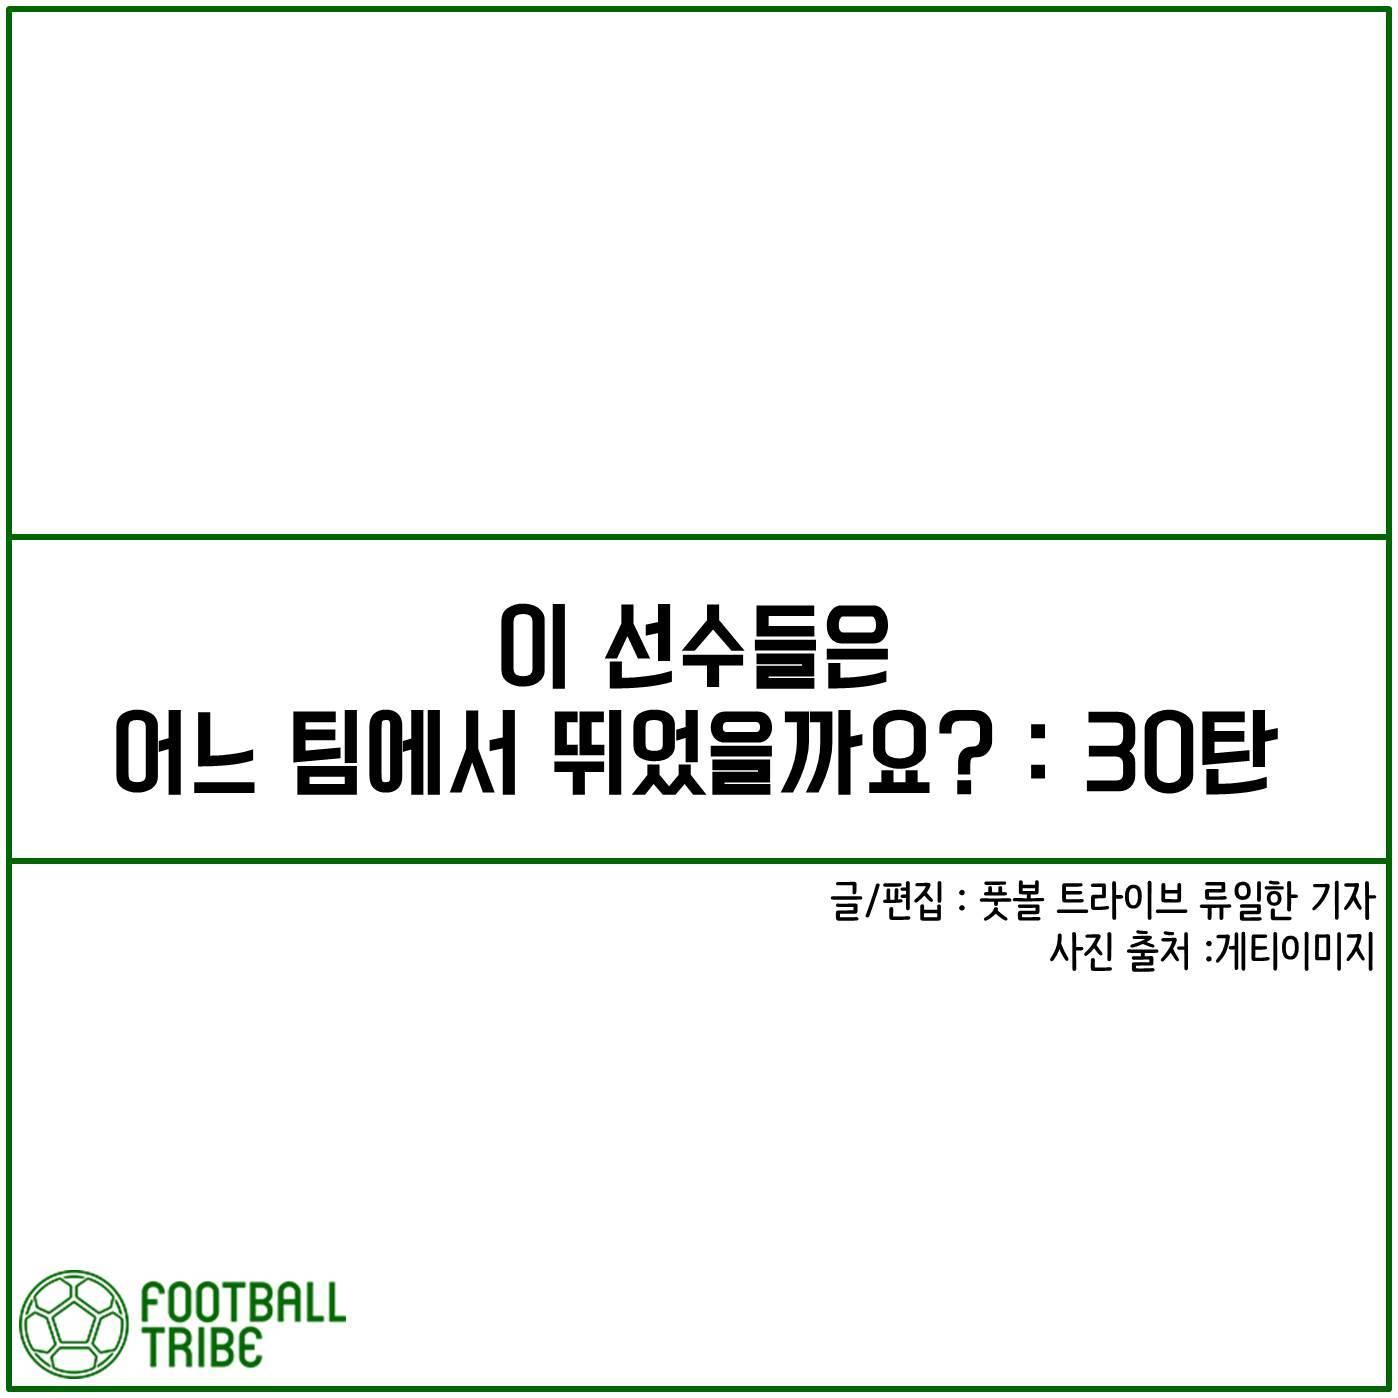 [카드 뉴스] 이 선수들은 어느 팀에서 뛰었을까요?: 30탄